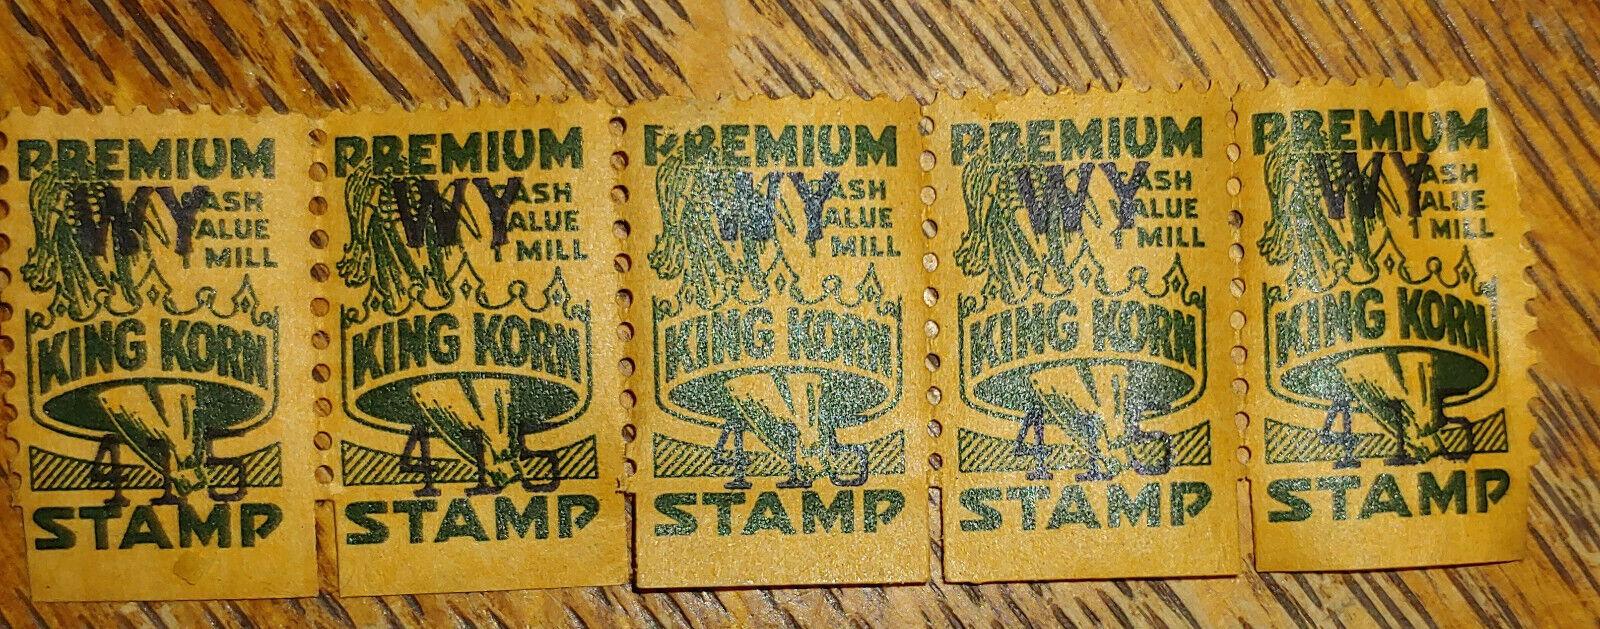 Vintage King Korn Trading Stamps - $1.00